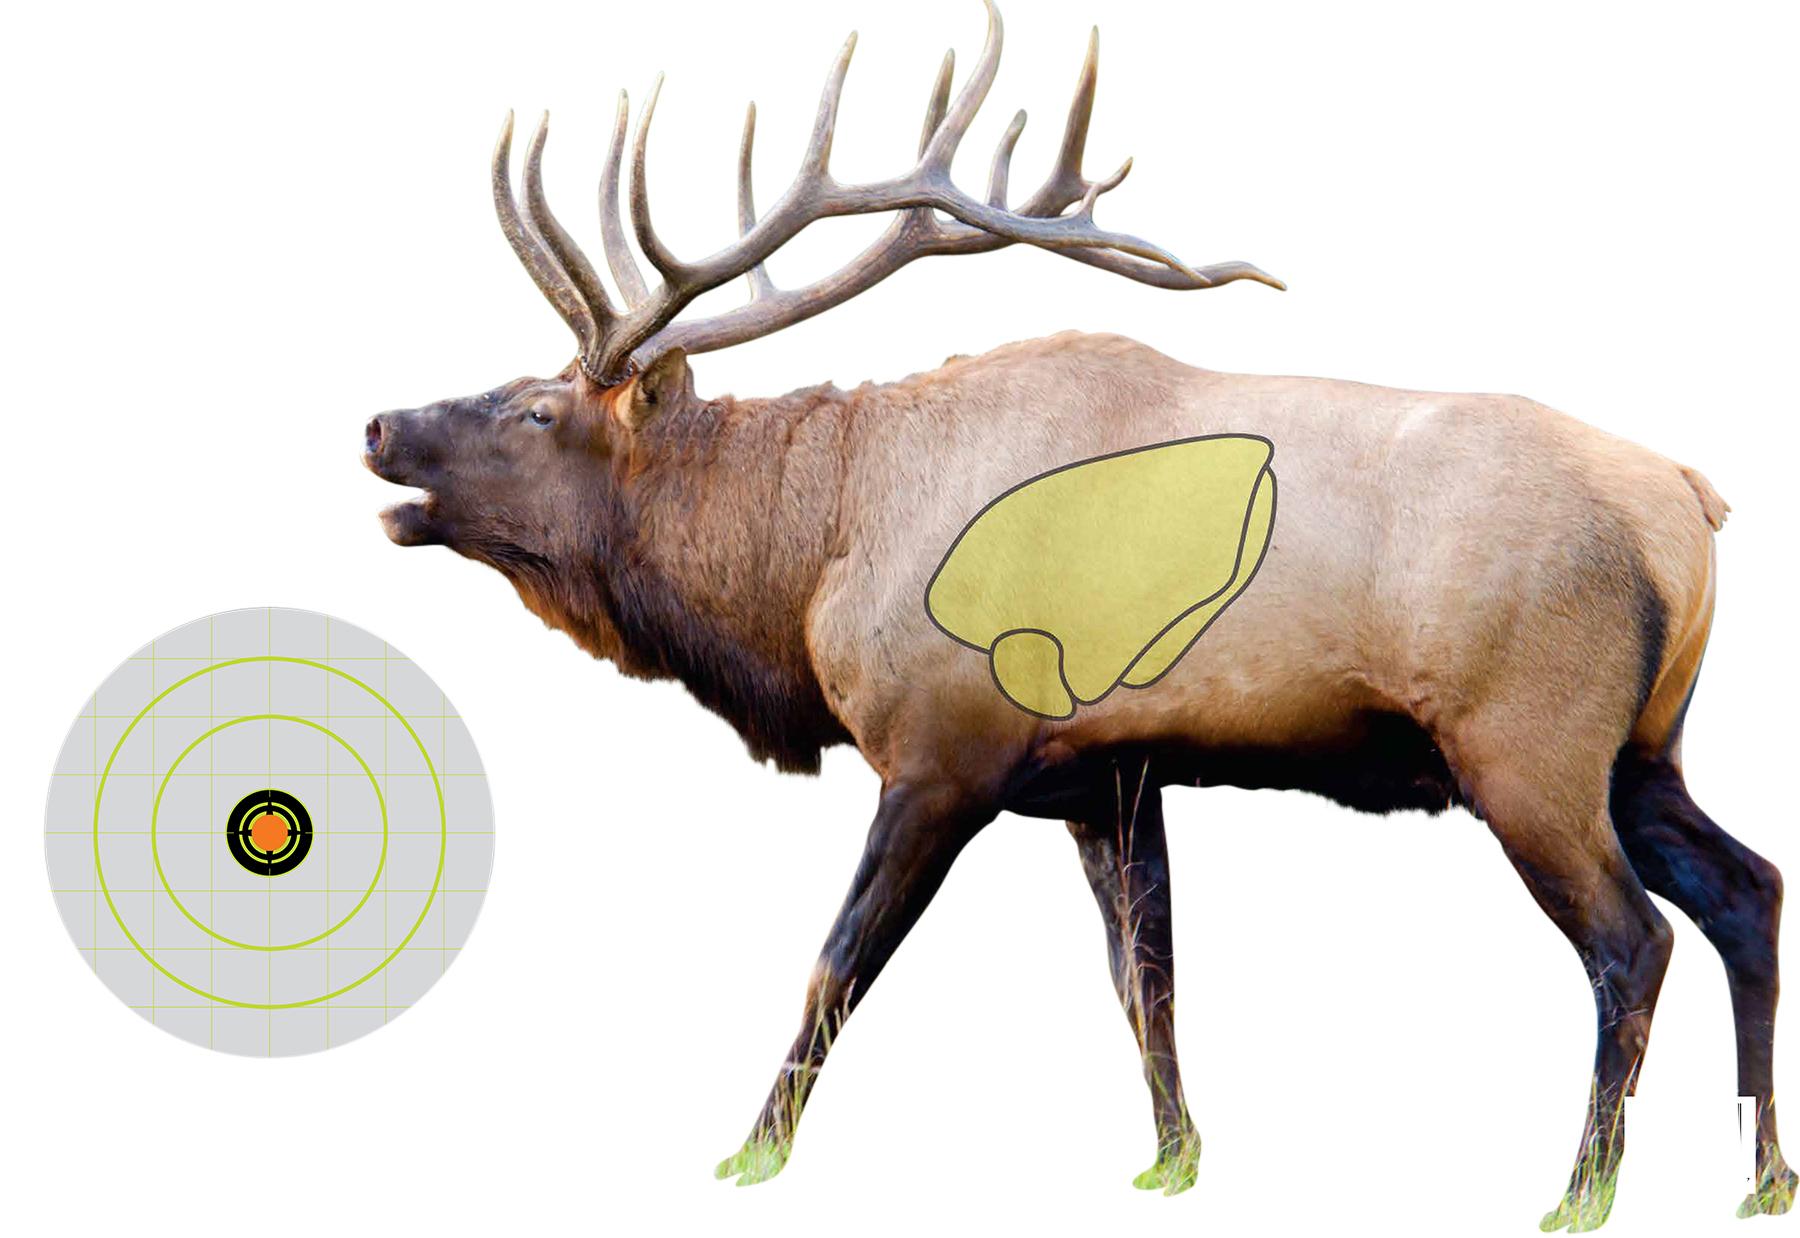 Murdoch S Shooting Made Easy Vital Point Elk Target